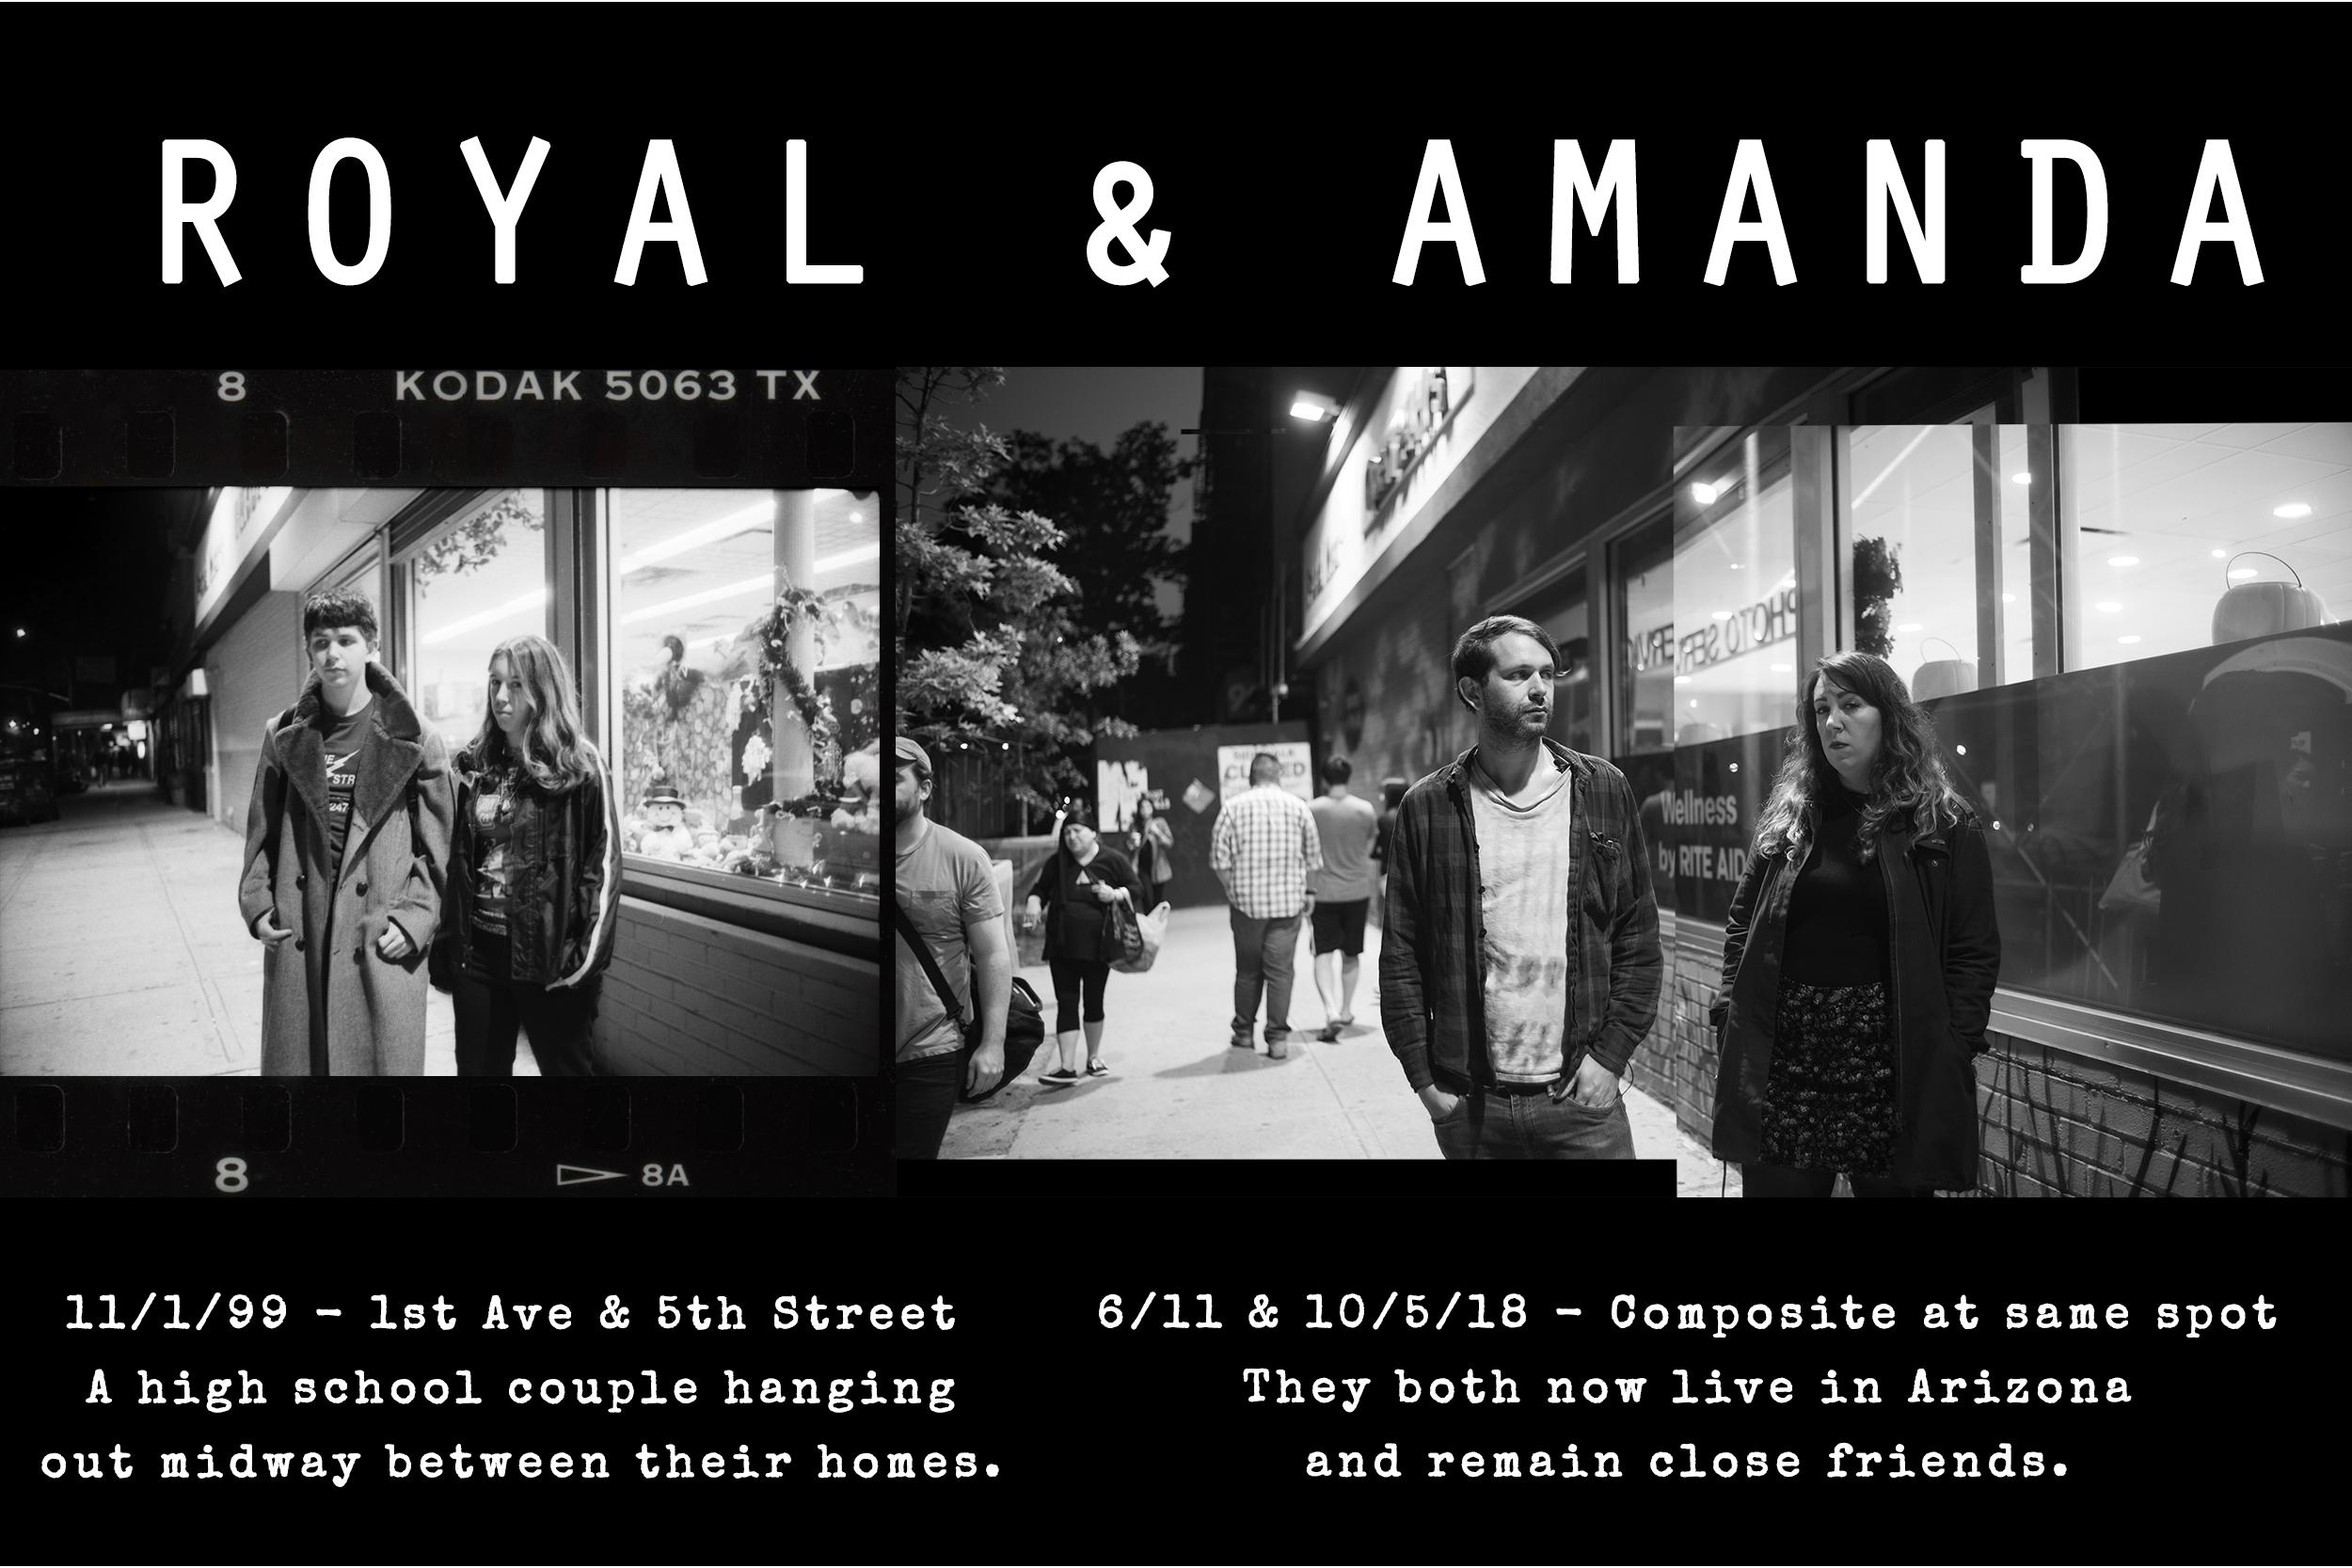 Royal-Amanda.jpg